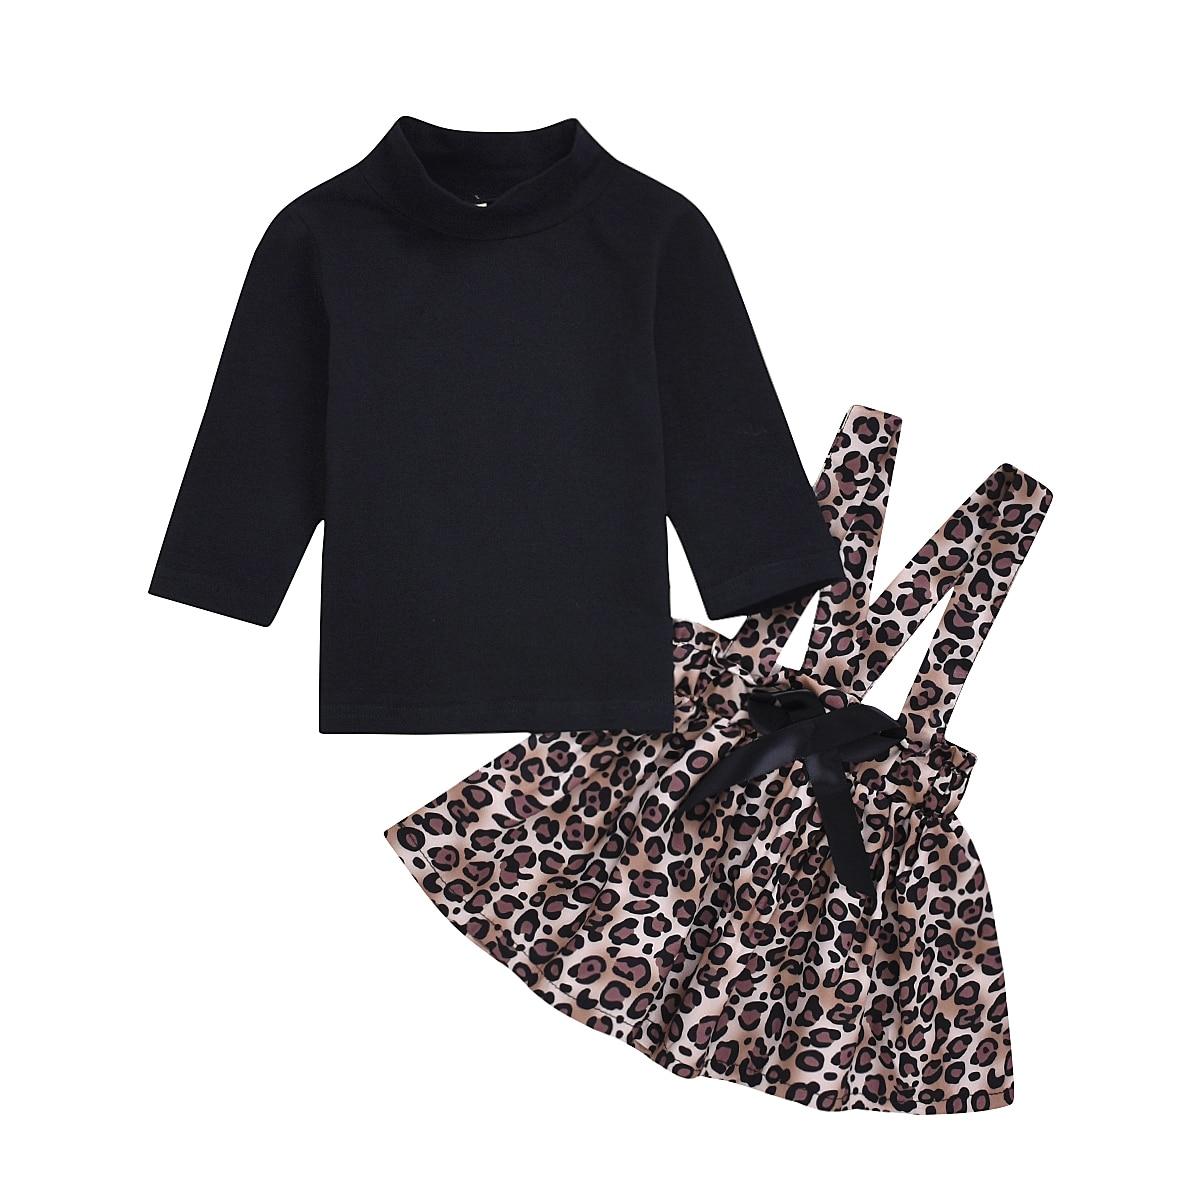 0-4T Neugeborenen Kleinkind Kind Baby Mädchen Kleidung Set T-Shirts Tops Rock Kleid Herbst Winter Kleidung